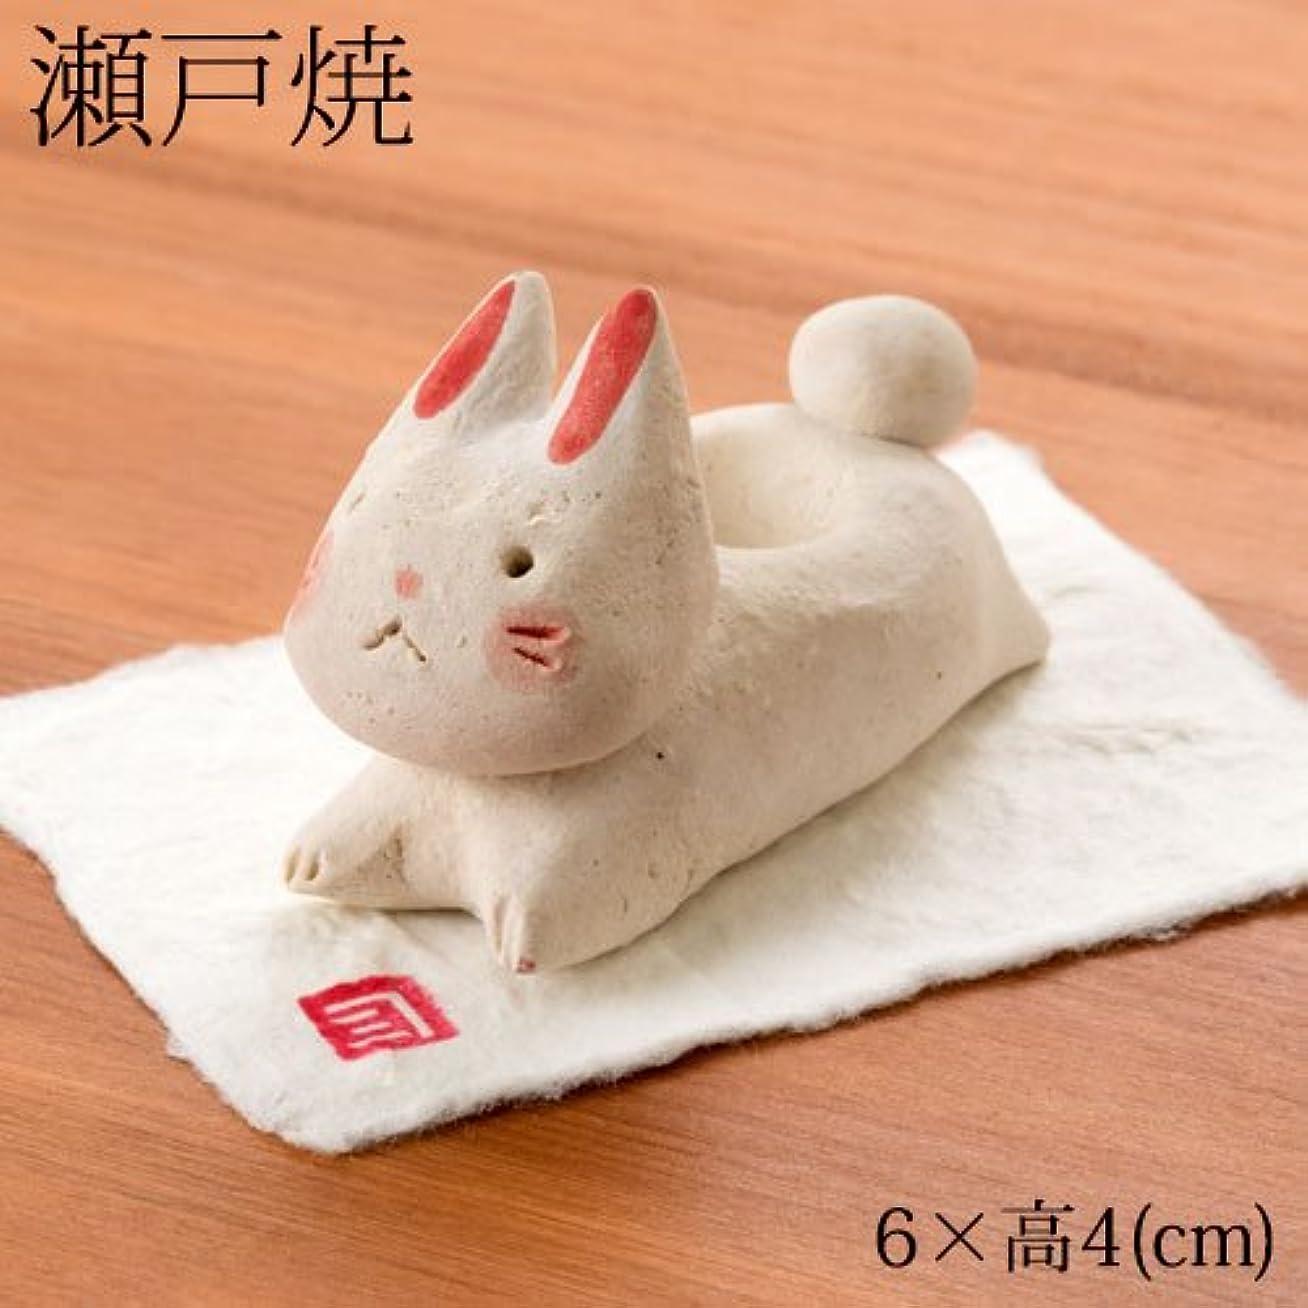 溶かす厳密に有料瀬戸焼兎アロマストーン (K6302)愛知県の工芸品Seto-yaki Aroma stone, Aichi craft